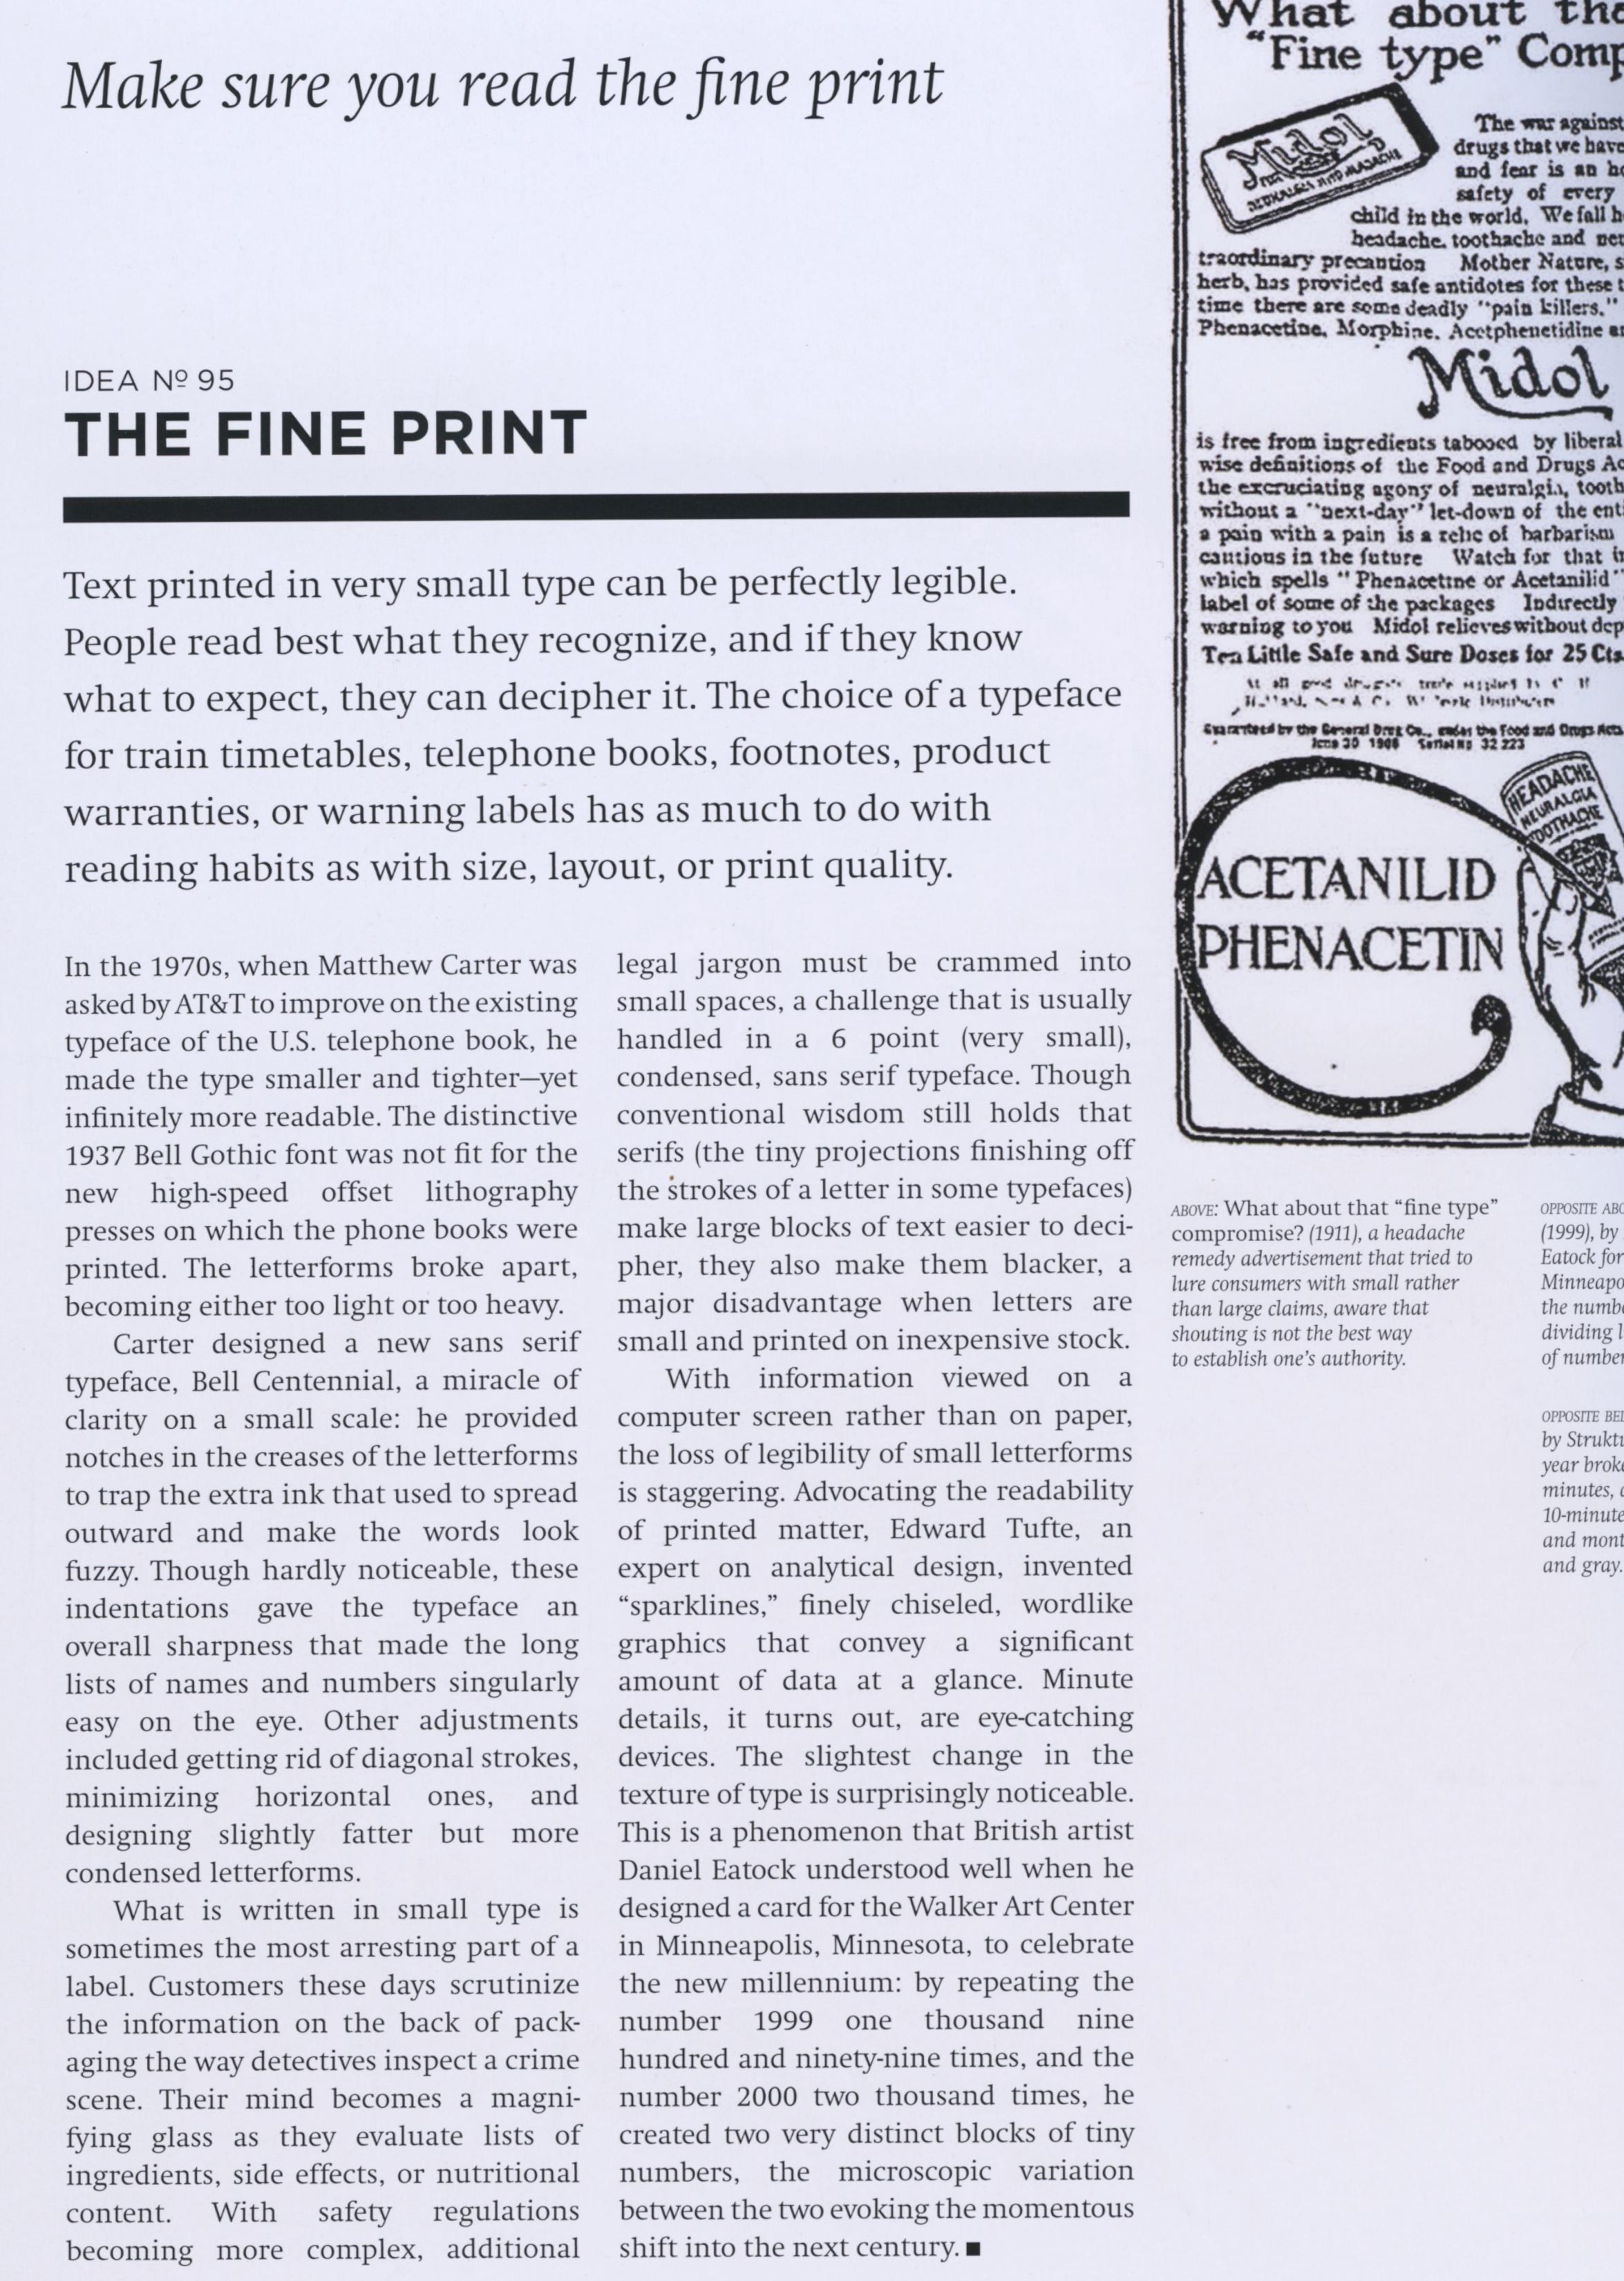 The Fine Print, p. 196